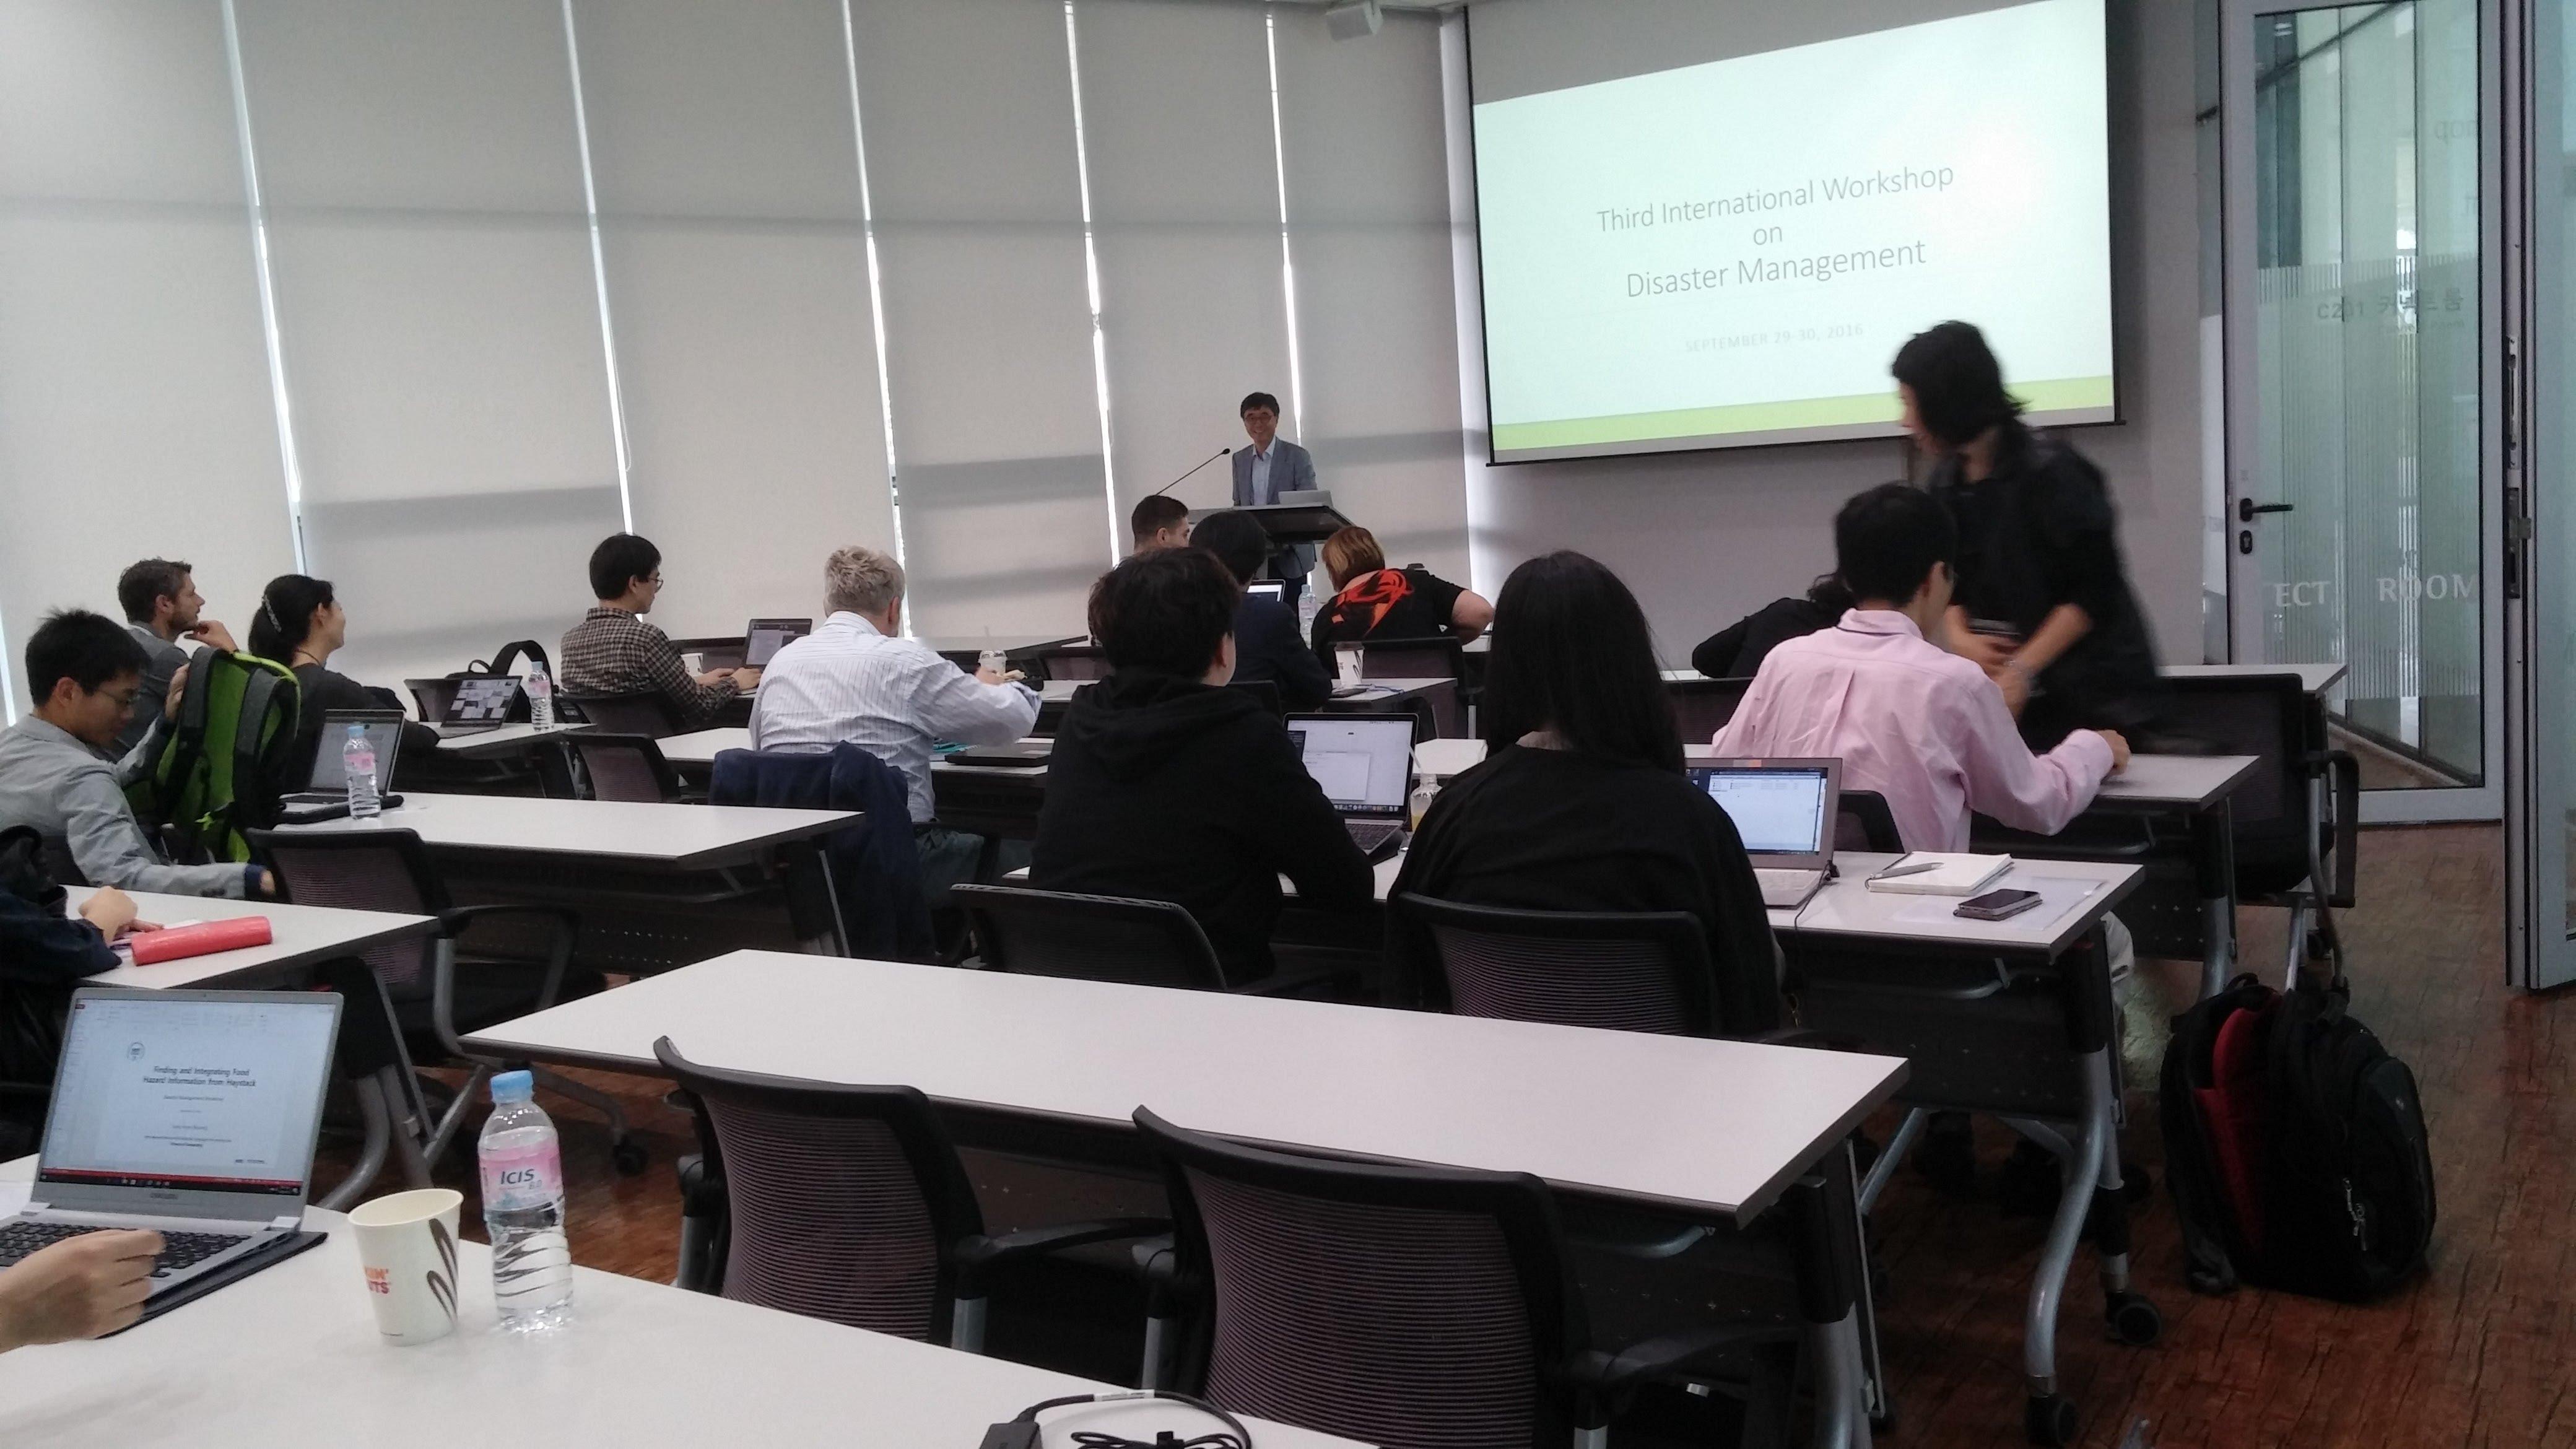 Talk by prof myaeng